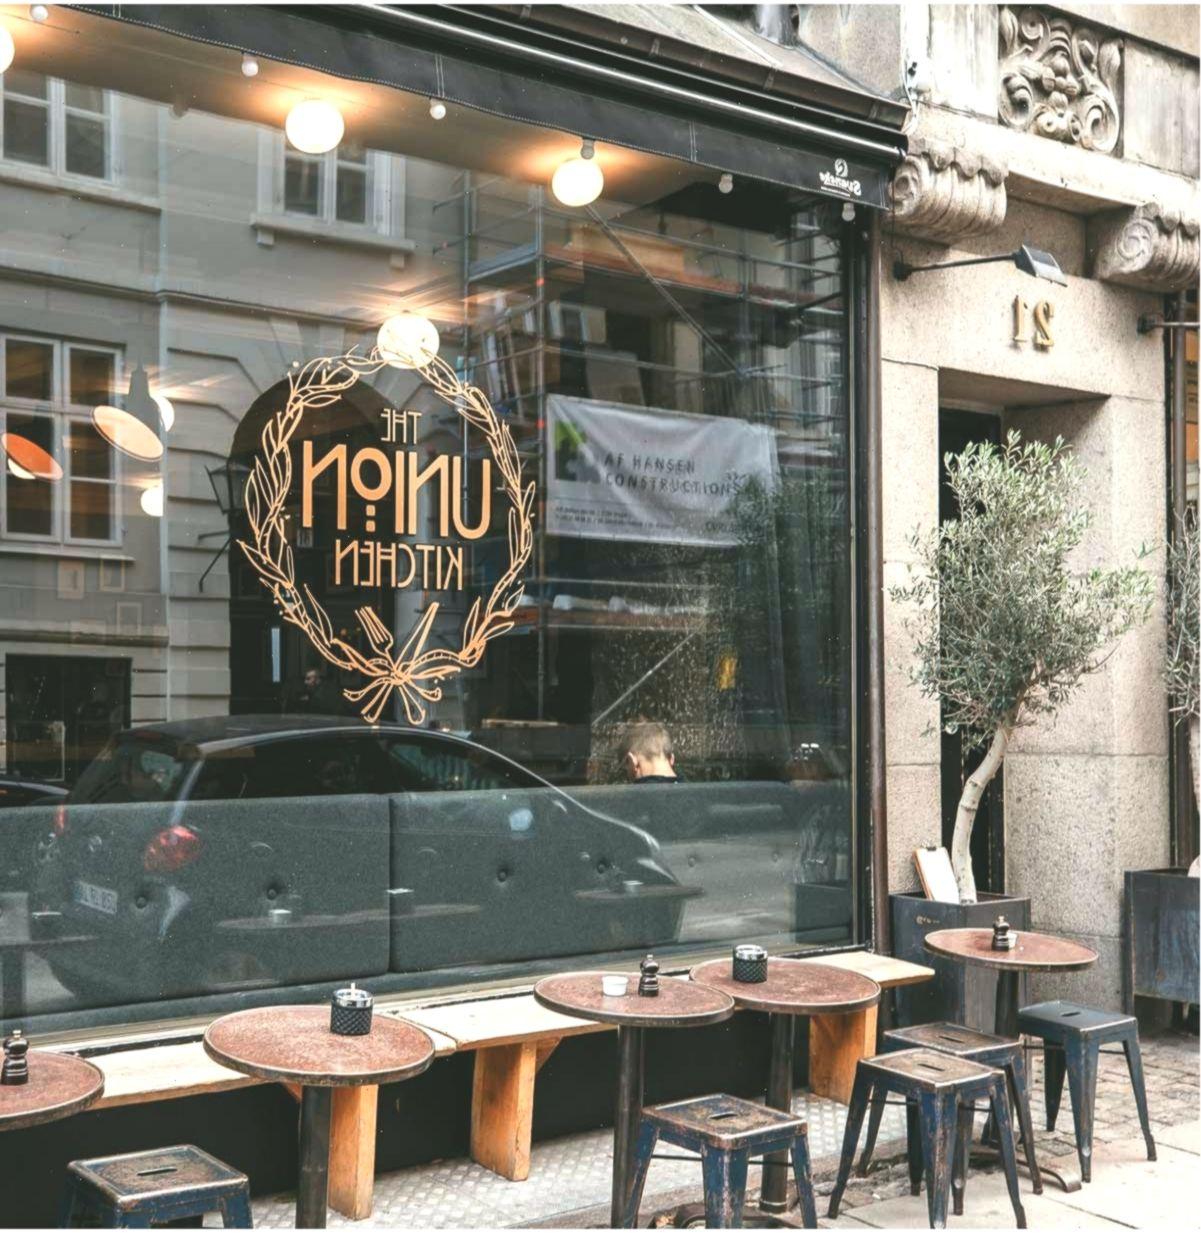 The Union Kitchen Fleischballchen Und Cocktails Am Nyhavn Kchengarten Cocktails Fleischbllchen Kitchen Kitchen Cafe Restaurant Restaurant Bar Restaurant